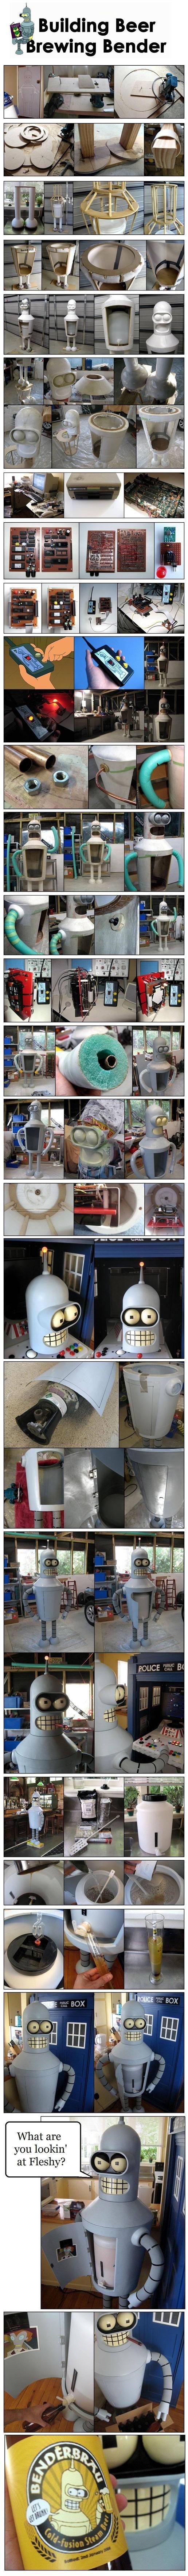 To Make A Bender. Don't be a bumb spare a..... i.',_ ssa] Building Beer rowing Bender. bender approves